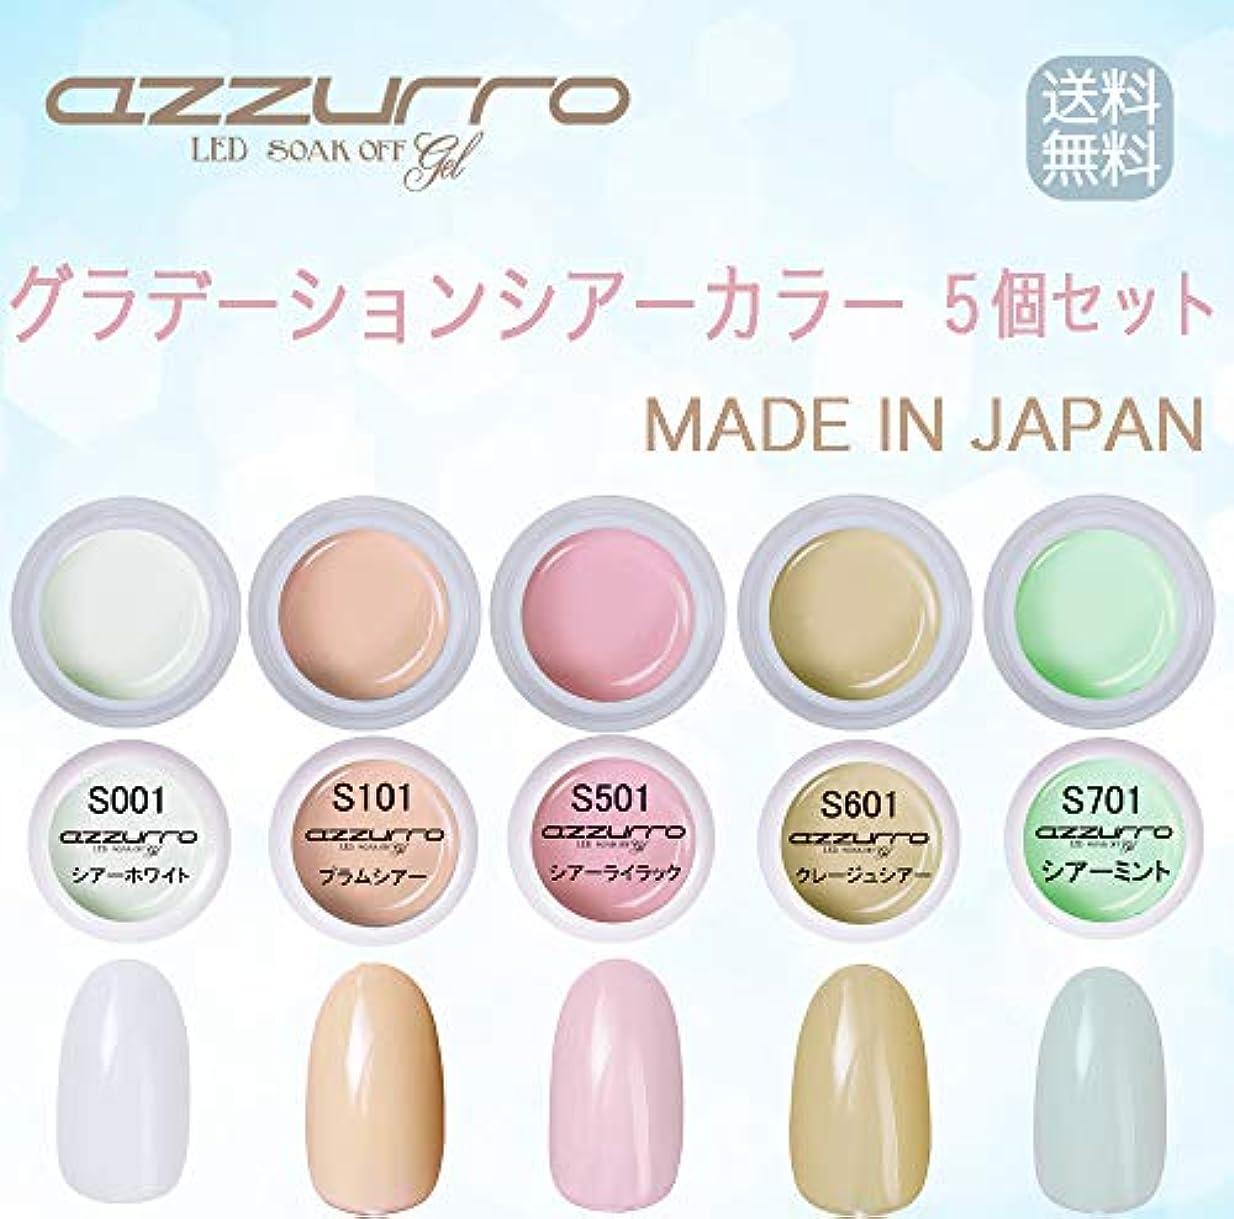 【送料無料】日本製 azzurro gel グラデーションシアーカラージェル5個セット 春にぴったりな 春グラデーションシアーカラー